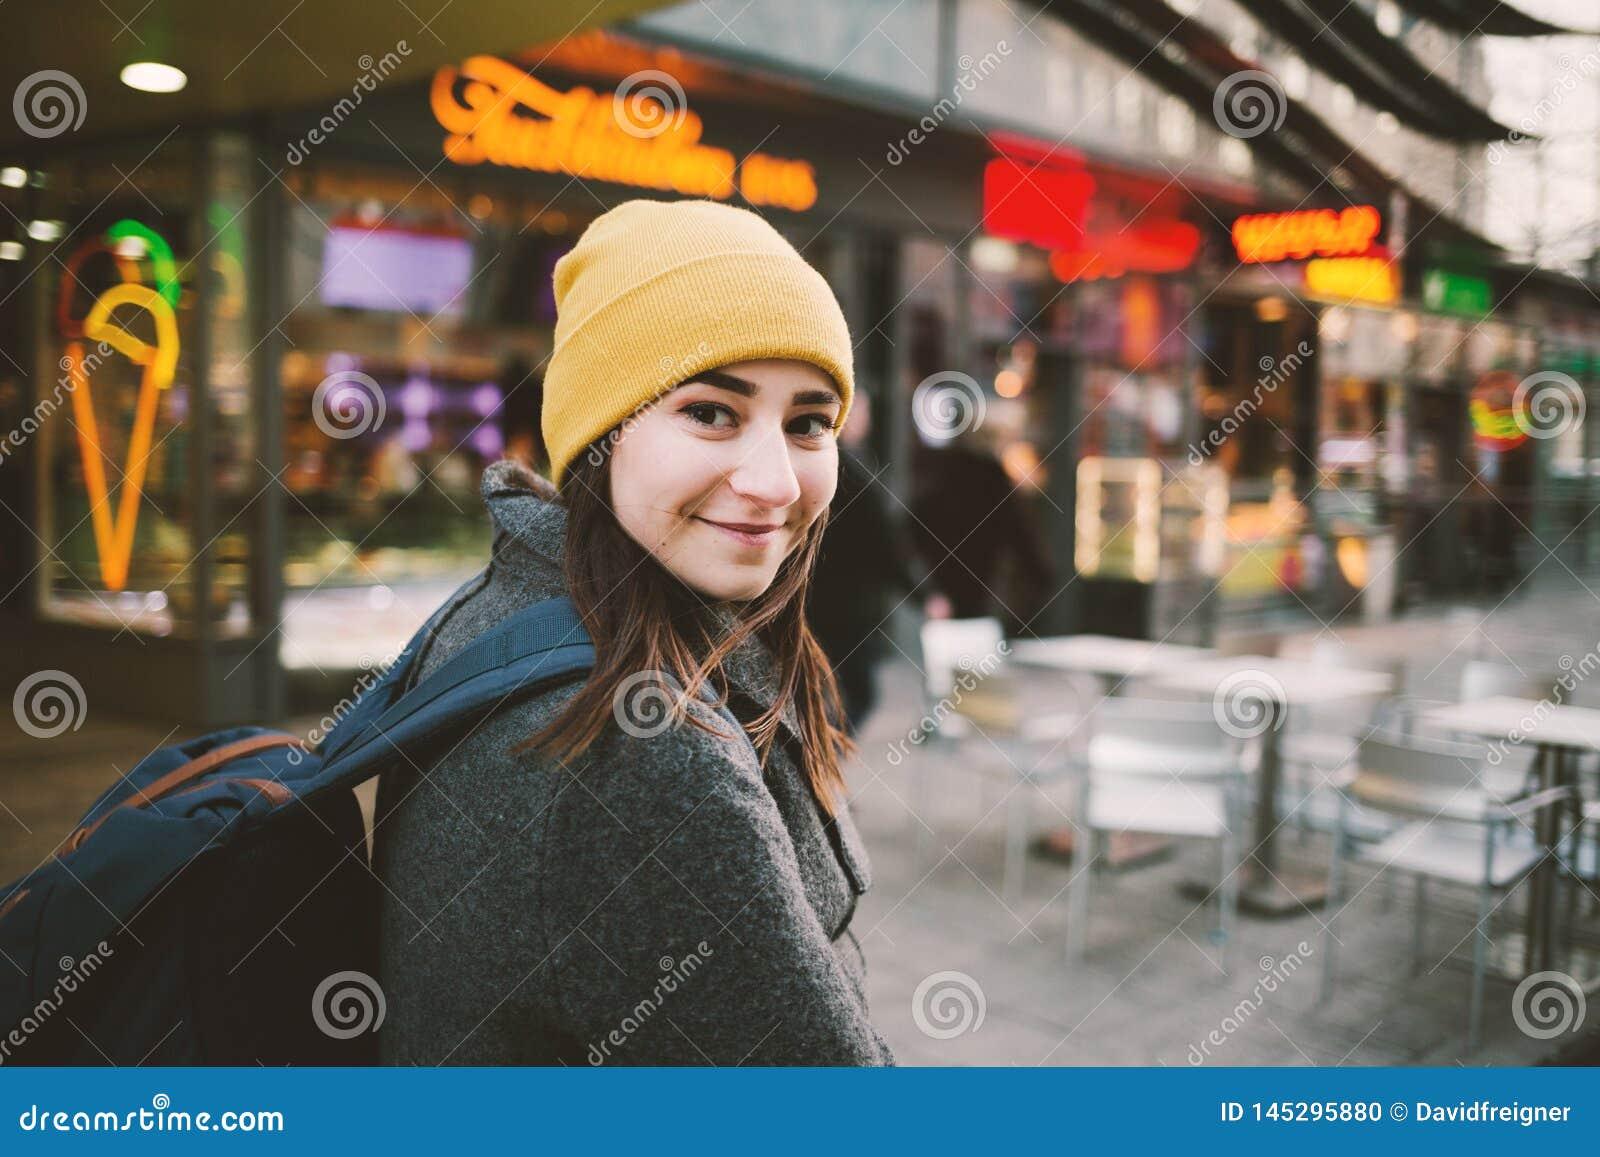 Jonge vrouwengangen door een straat met neontekens Reis, levensstijl en de jeugdconcept